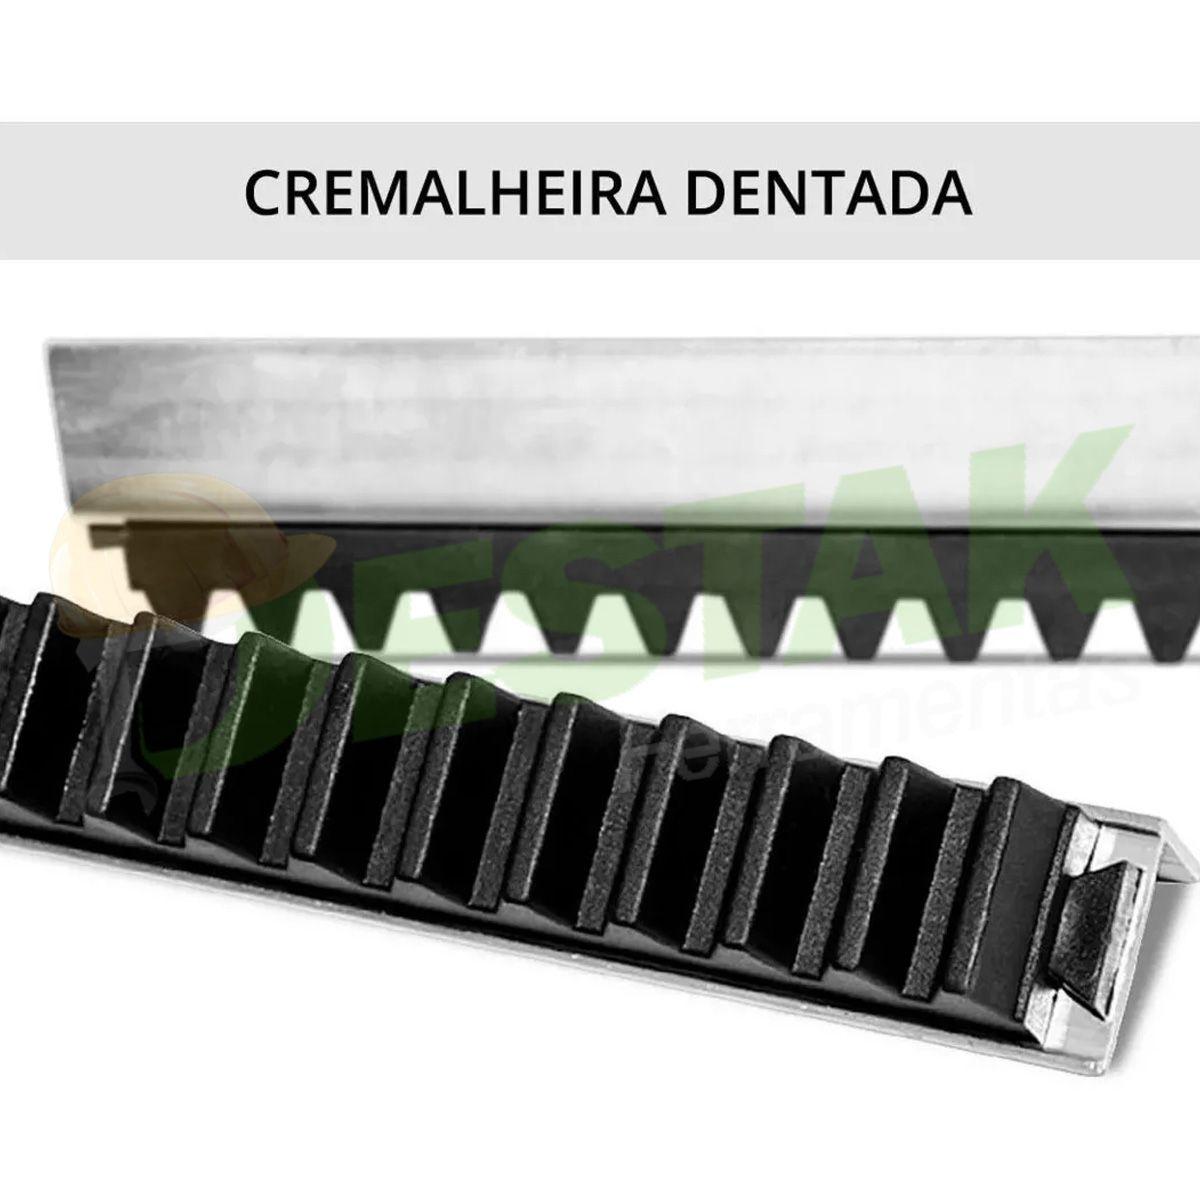 Kit Motor Portão Deslizante Rossi 1/4 5m Crema 2 Controles